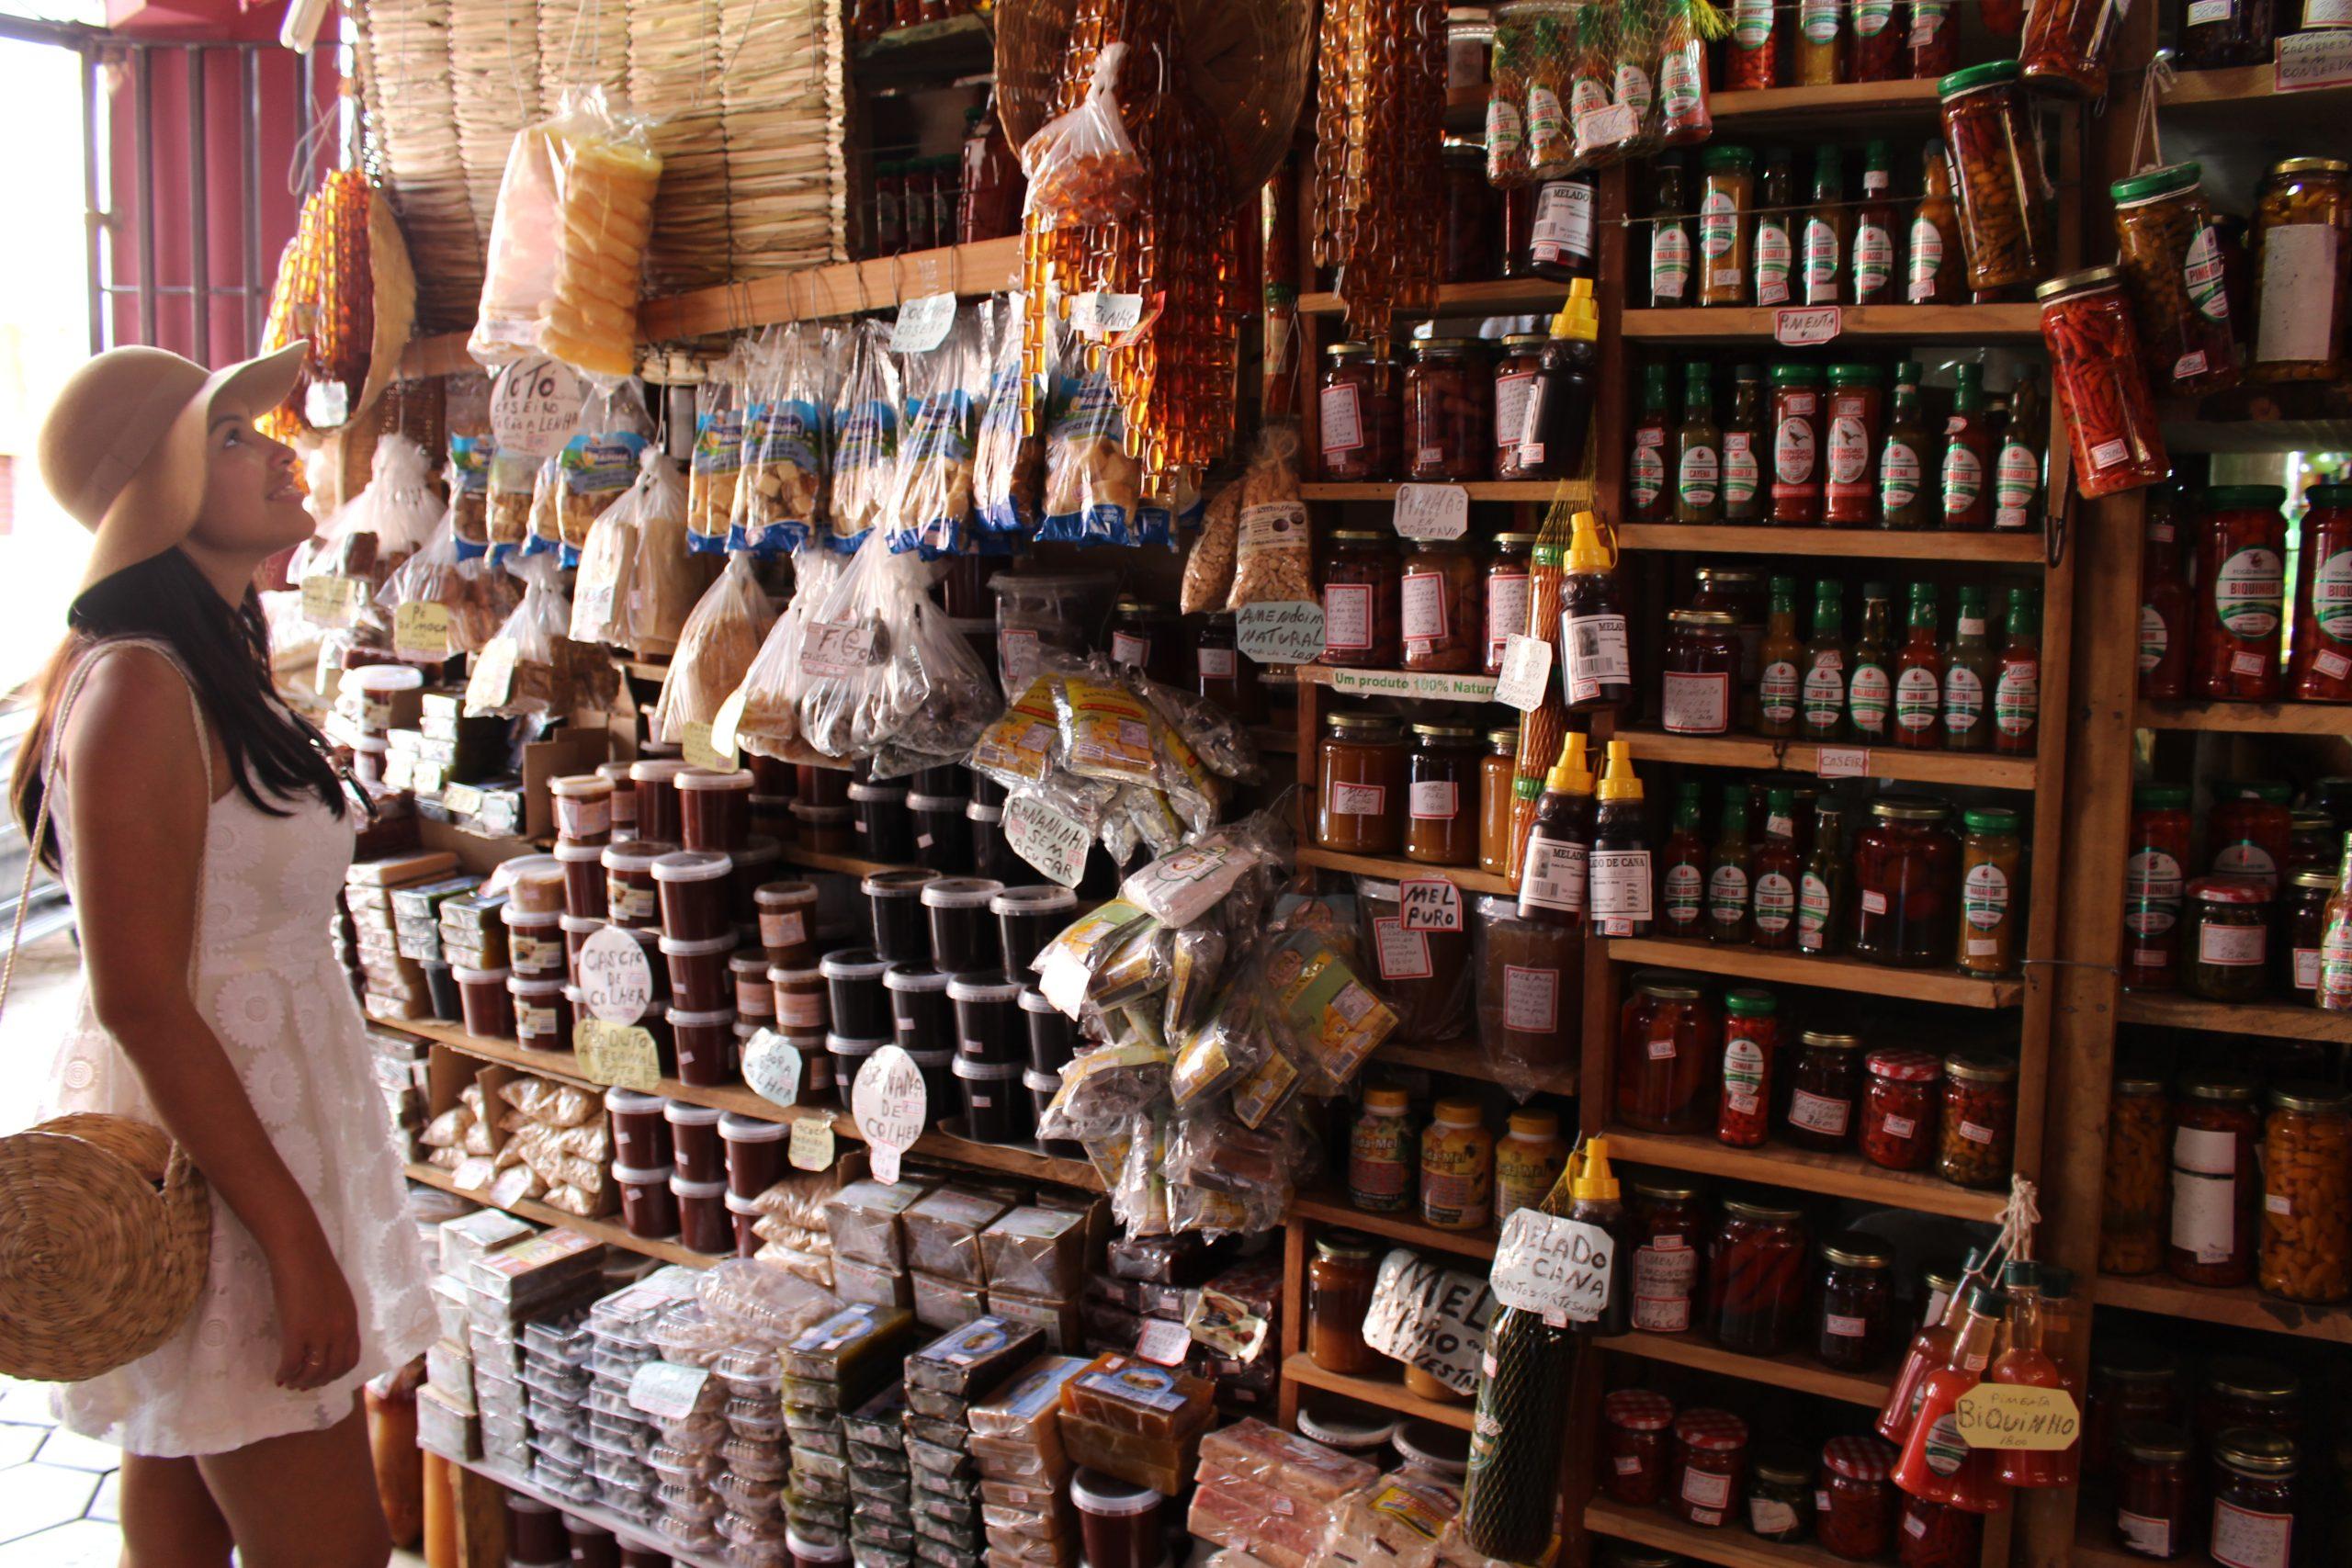 mercado_municipal_cunha